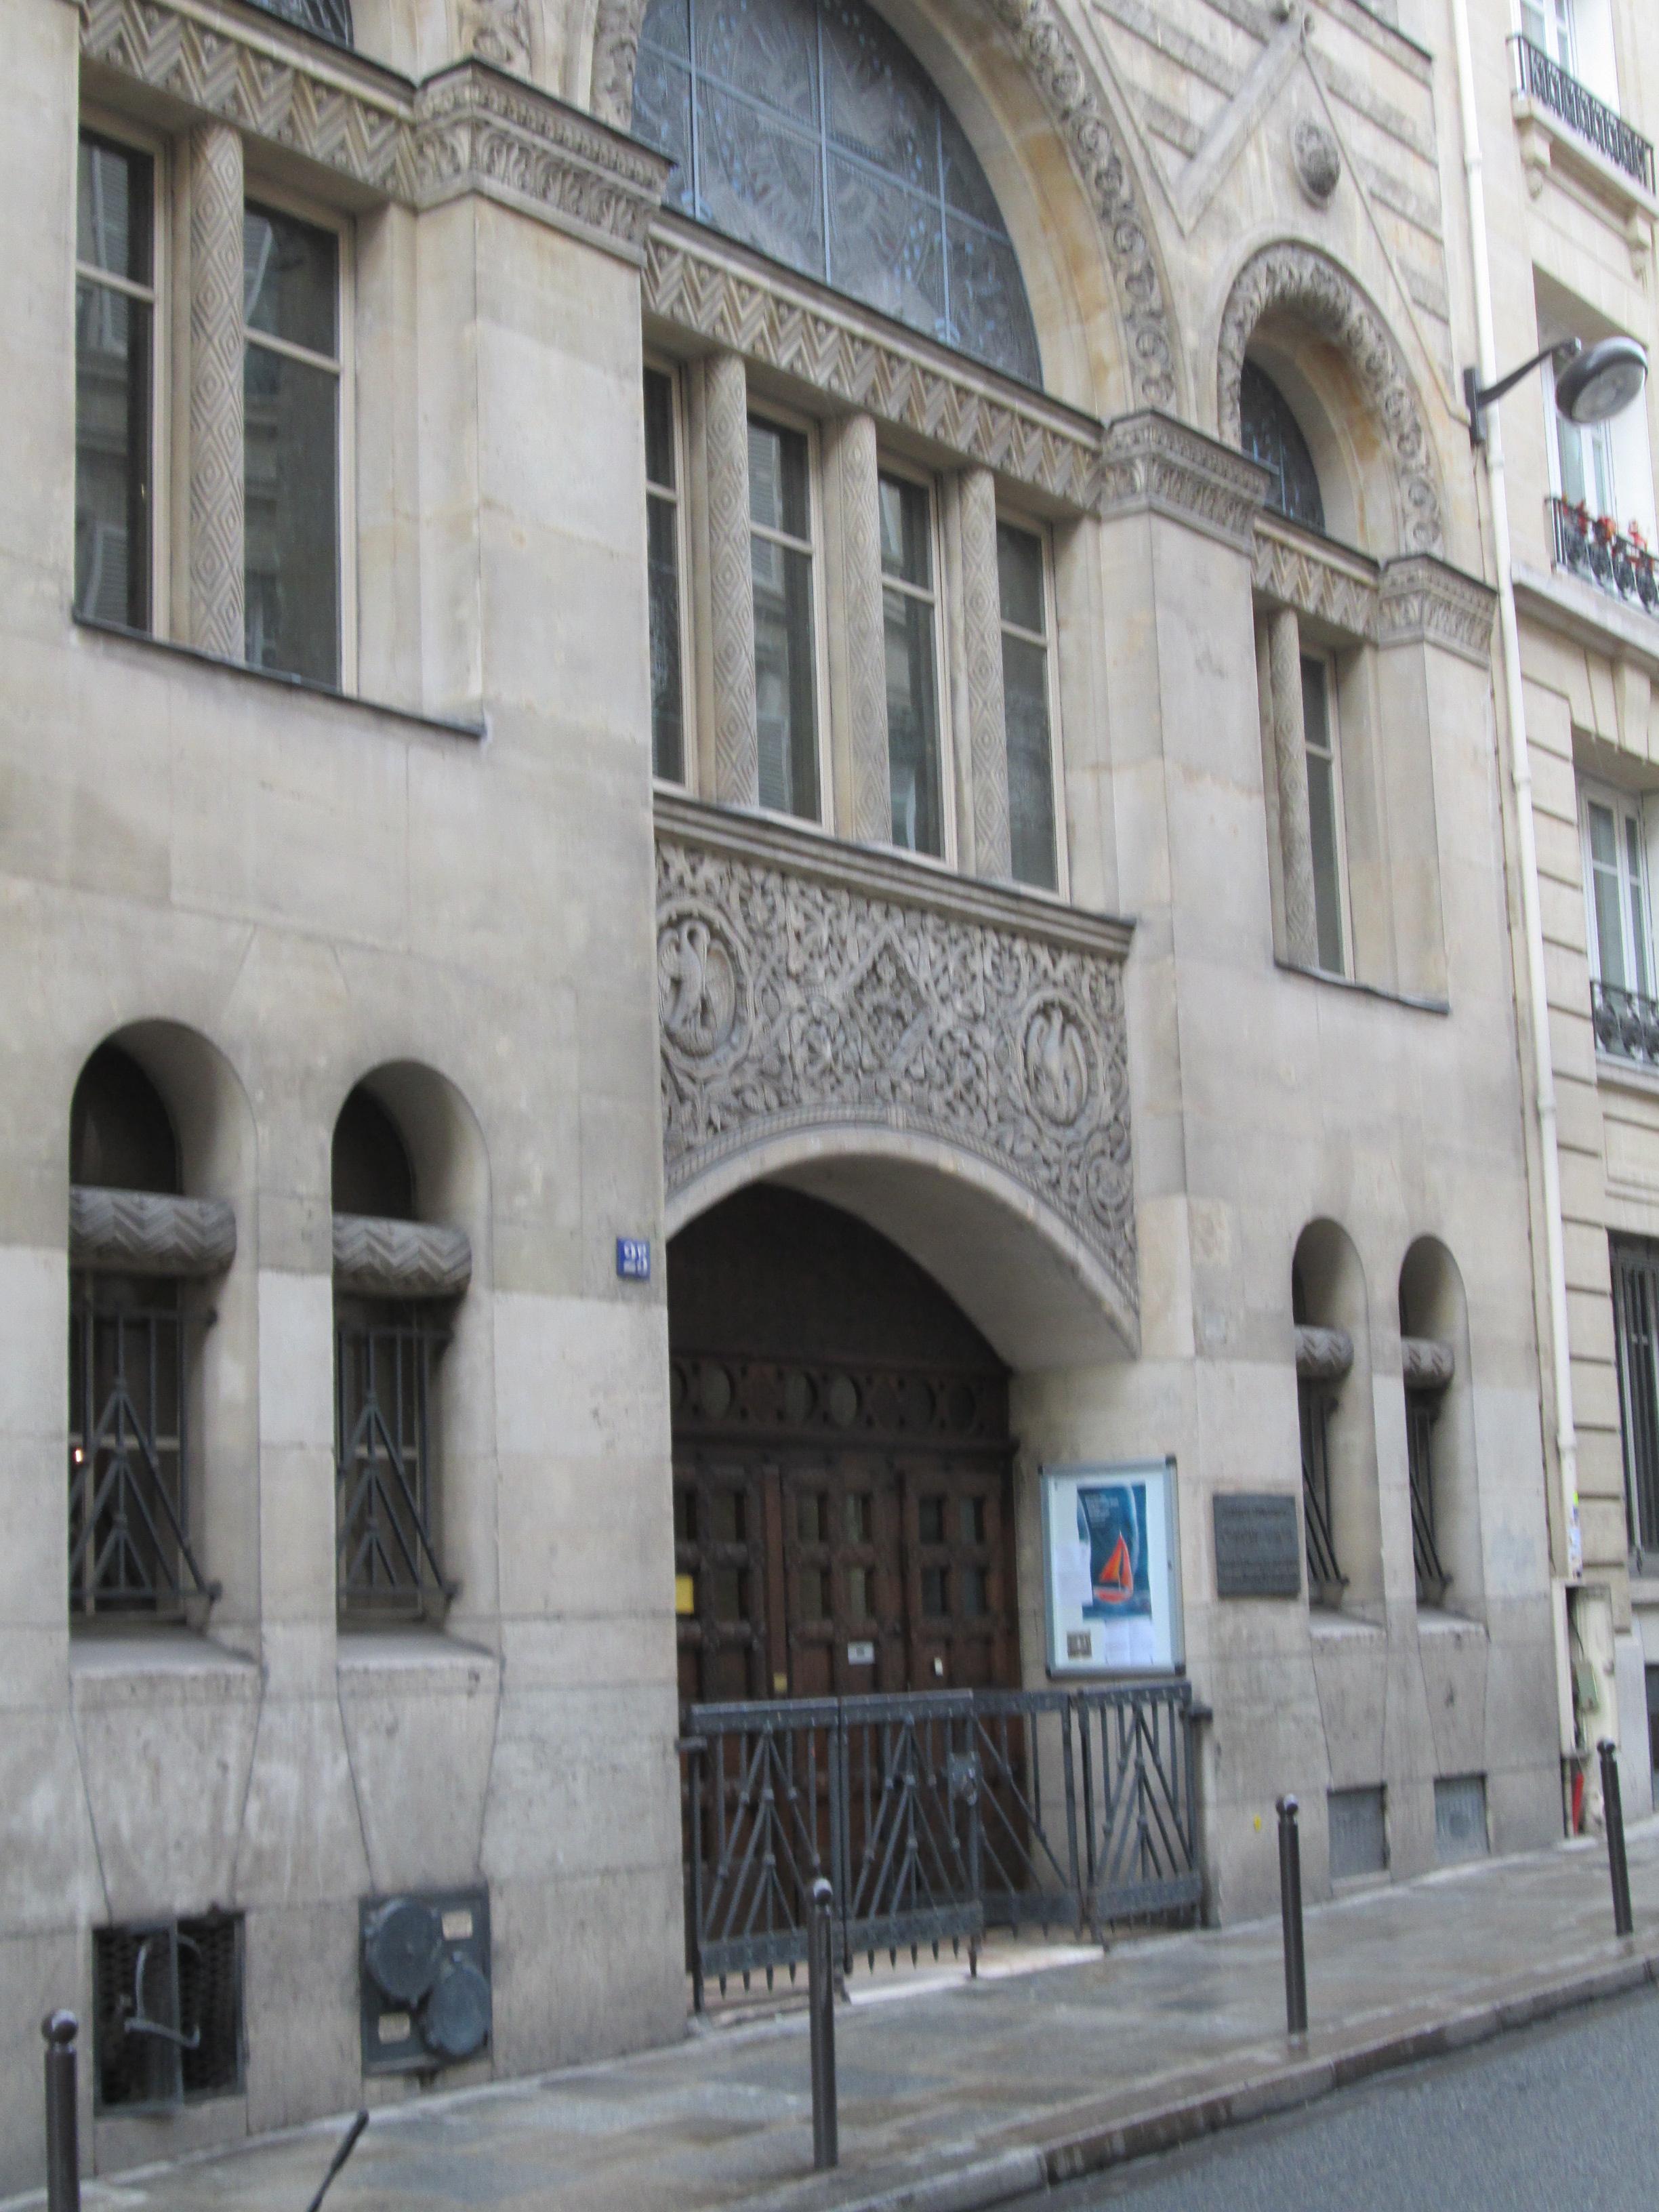 Hotel Foyer Le Pont Paris : Christuskirche rue blanche paris foyer le pont tag